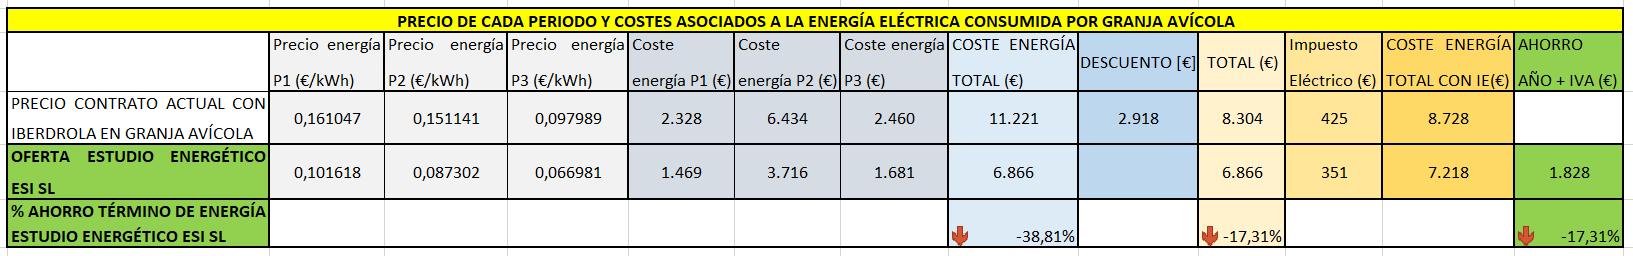 Precio de cada periodo, costes asociados y ahorro en el término de energía eléctrica en granja avícola con tarifa de luz barata